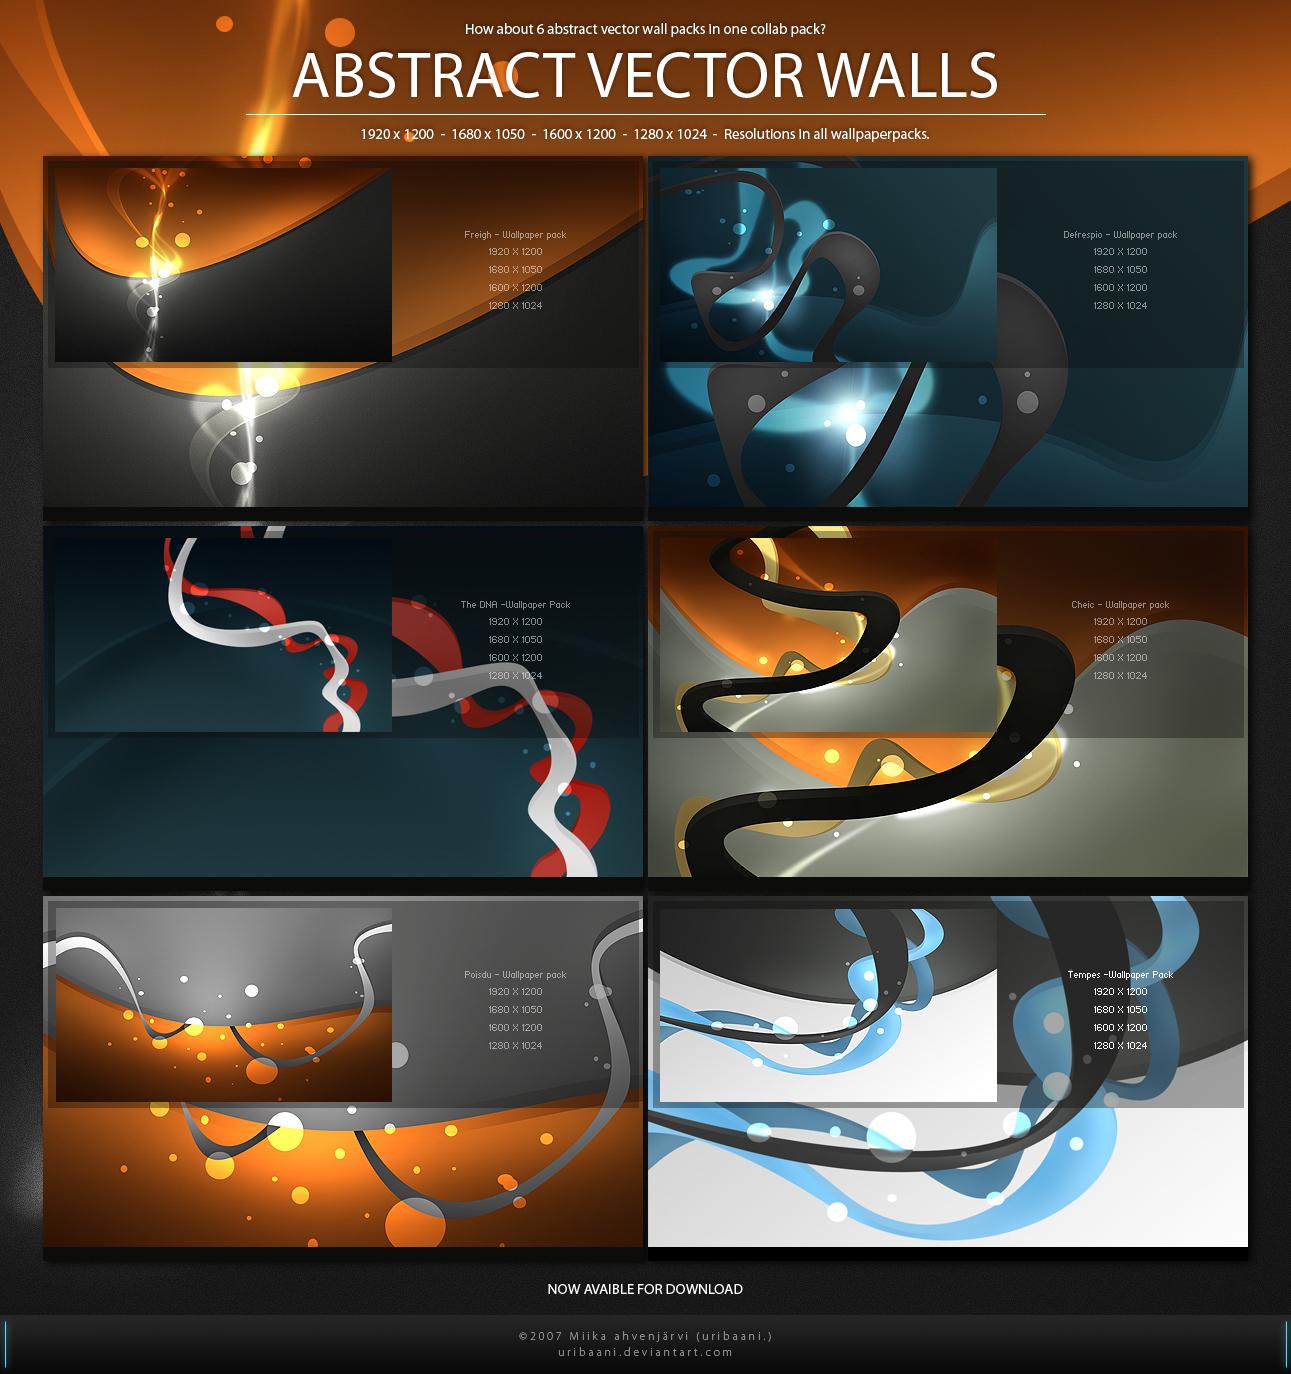 Abstract Vector Walls -WP Pack